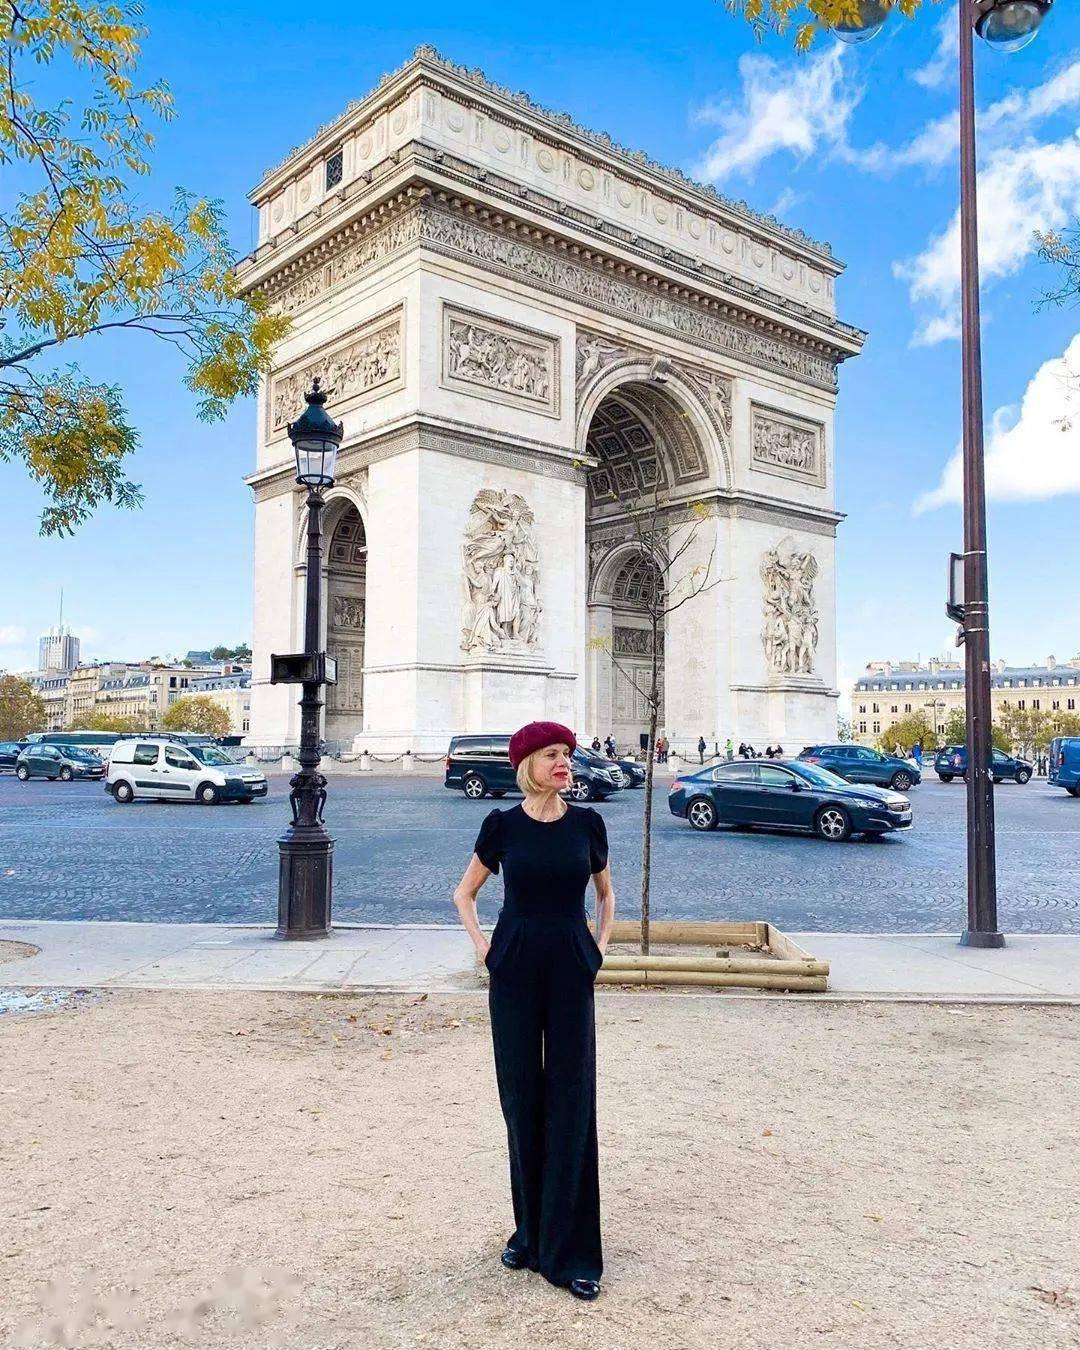 62岁离婚恢复单身的奶奶,68岁穿比基尼、独自环游世界火遍全网!插图(37)